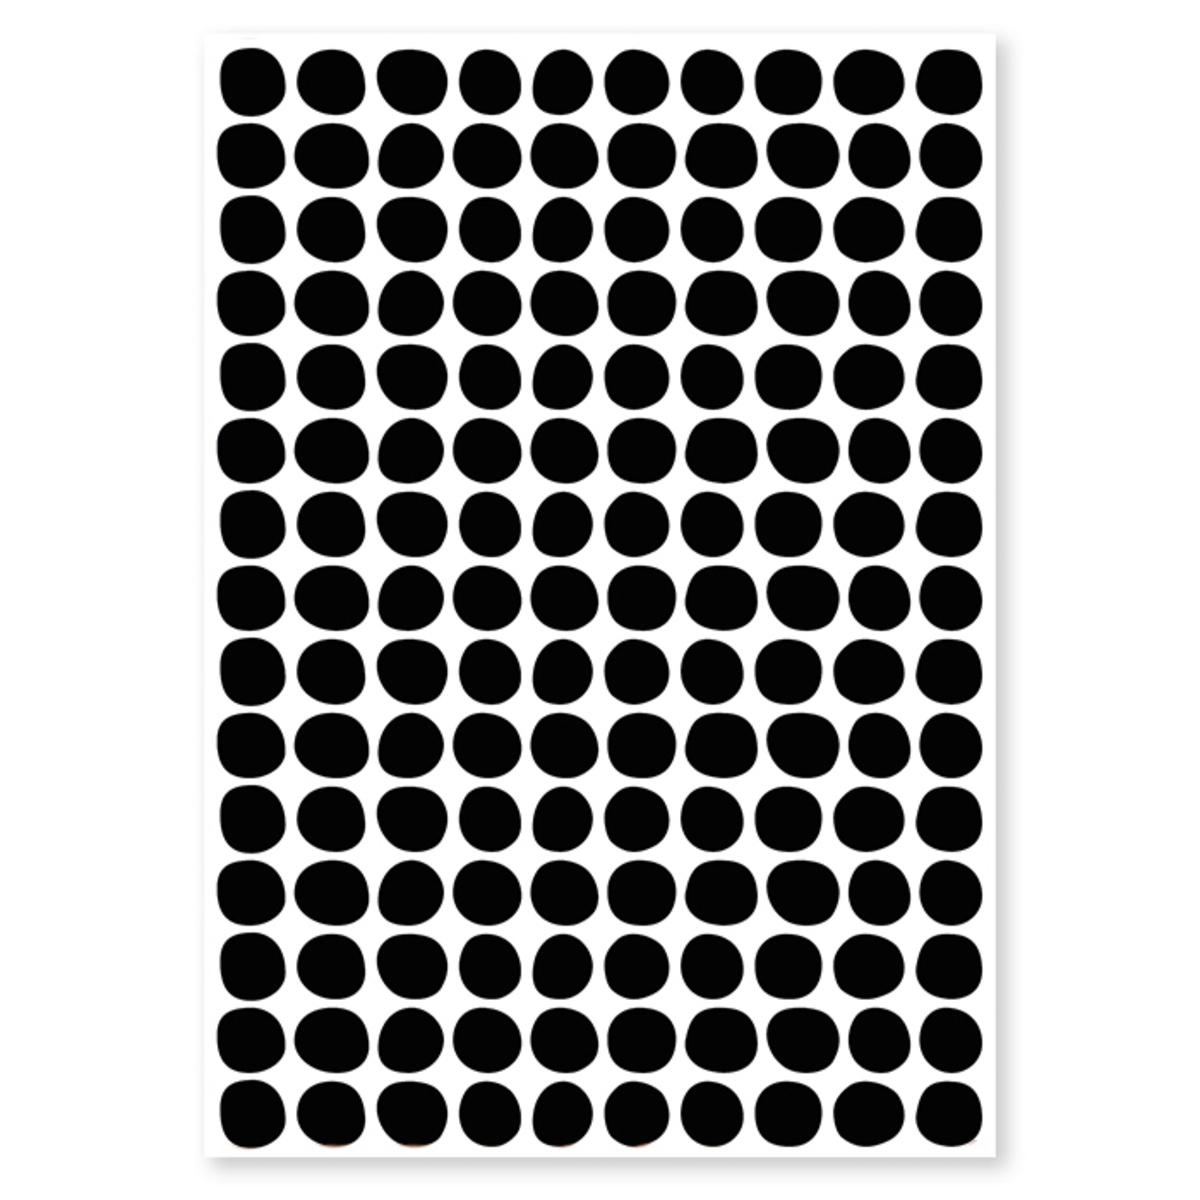 Sticker Planche de Stickers - Pois Noir Planche de Stickers - Pois Noir